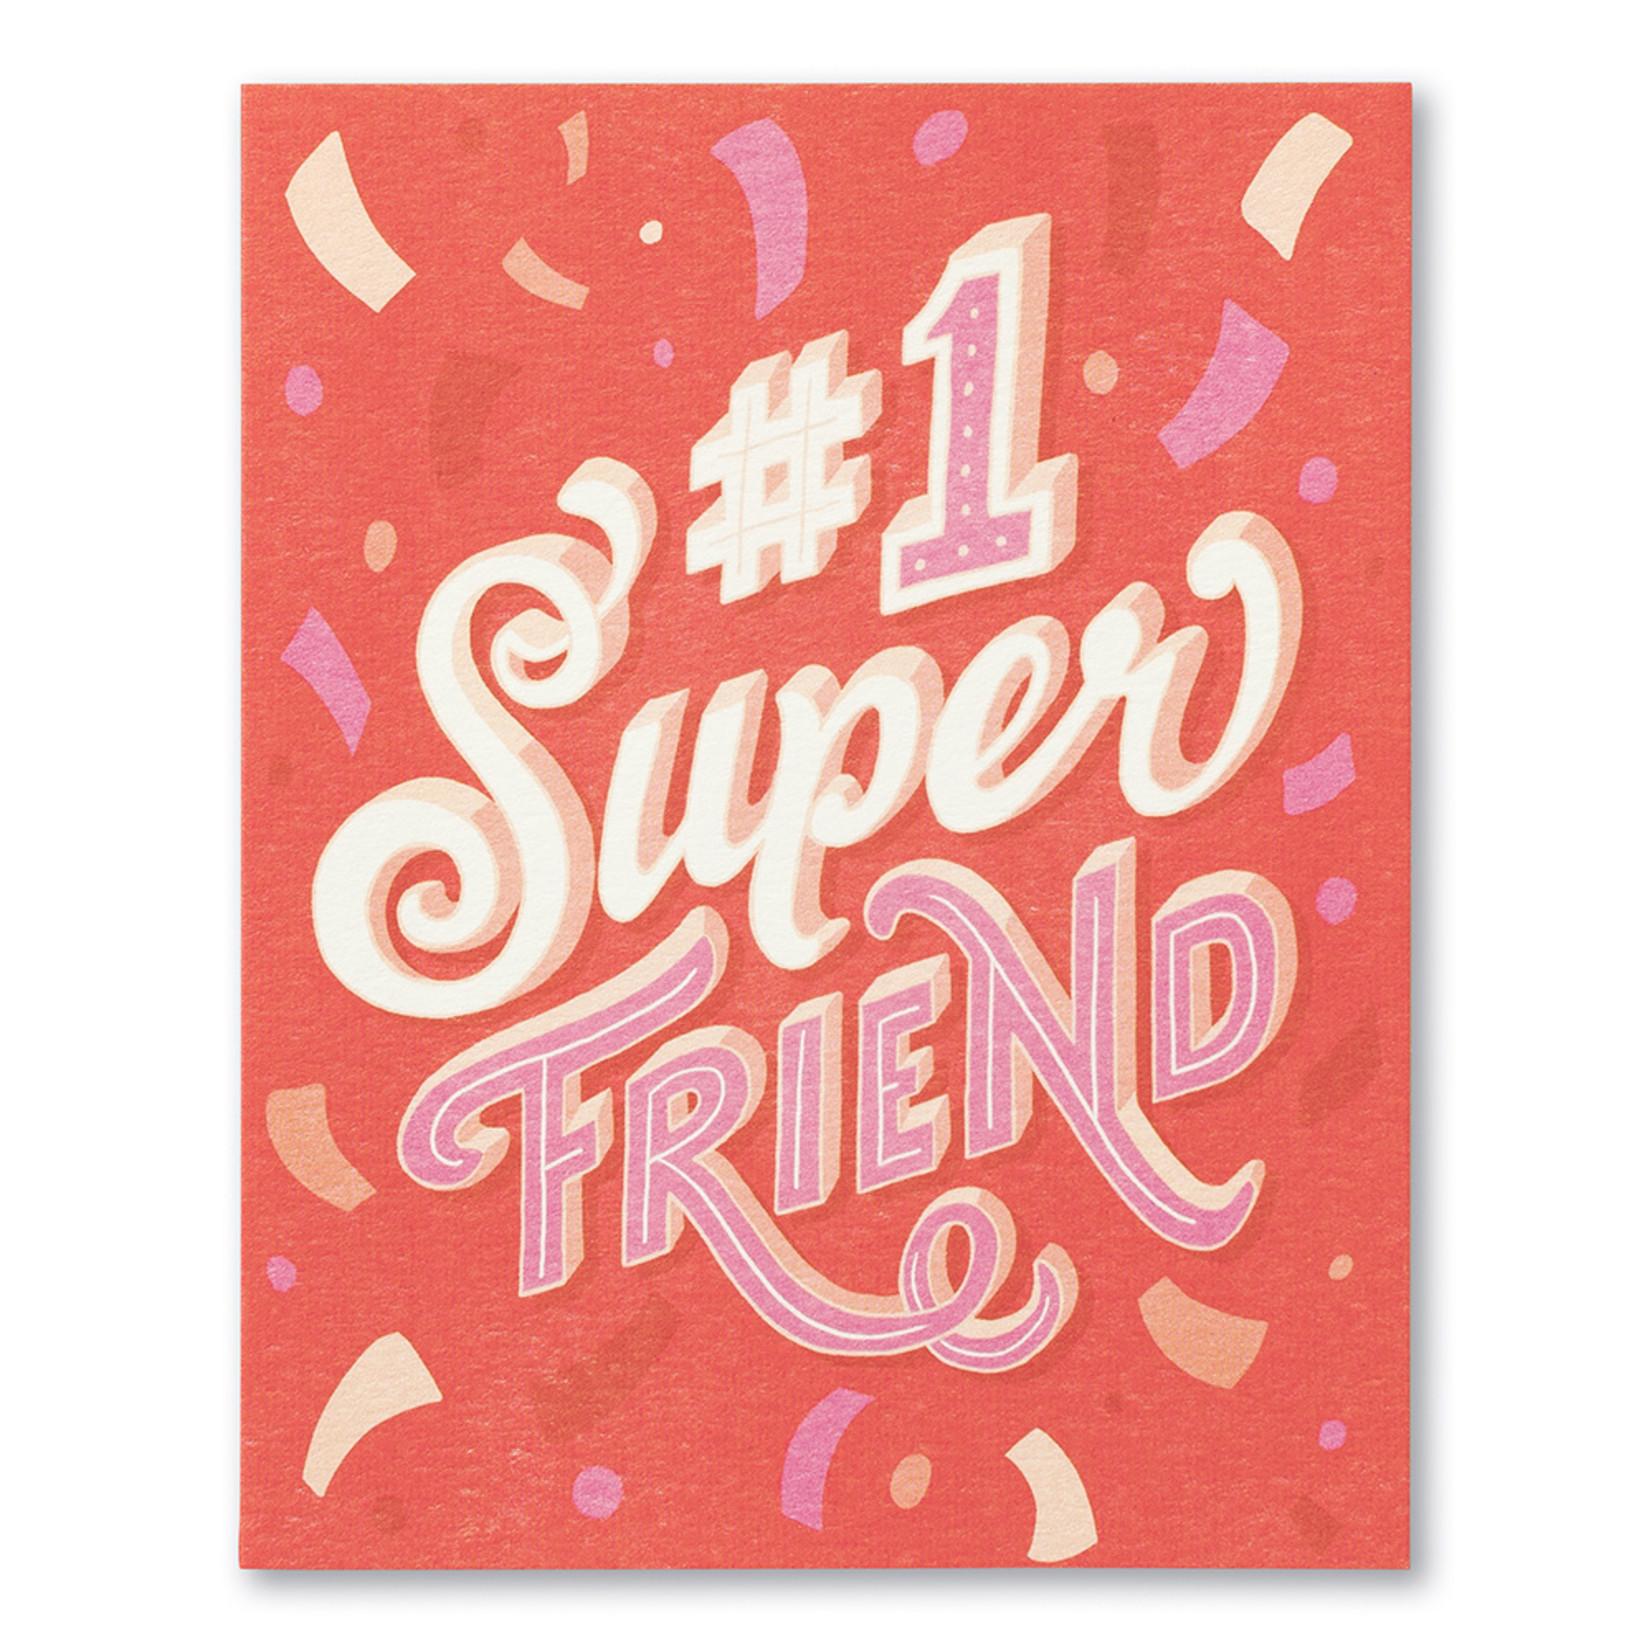 Love Muchly #1 Super Friend